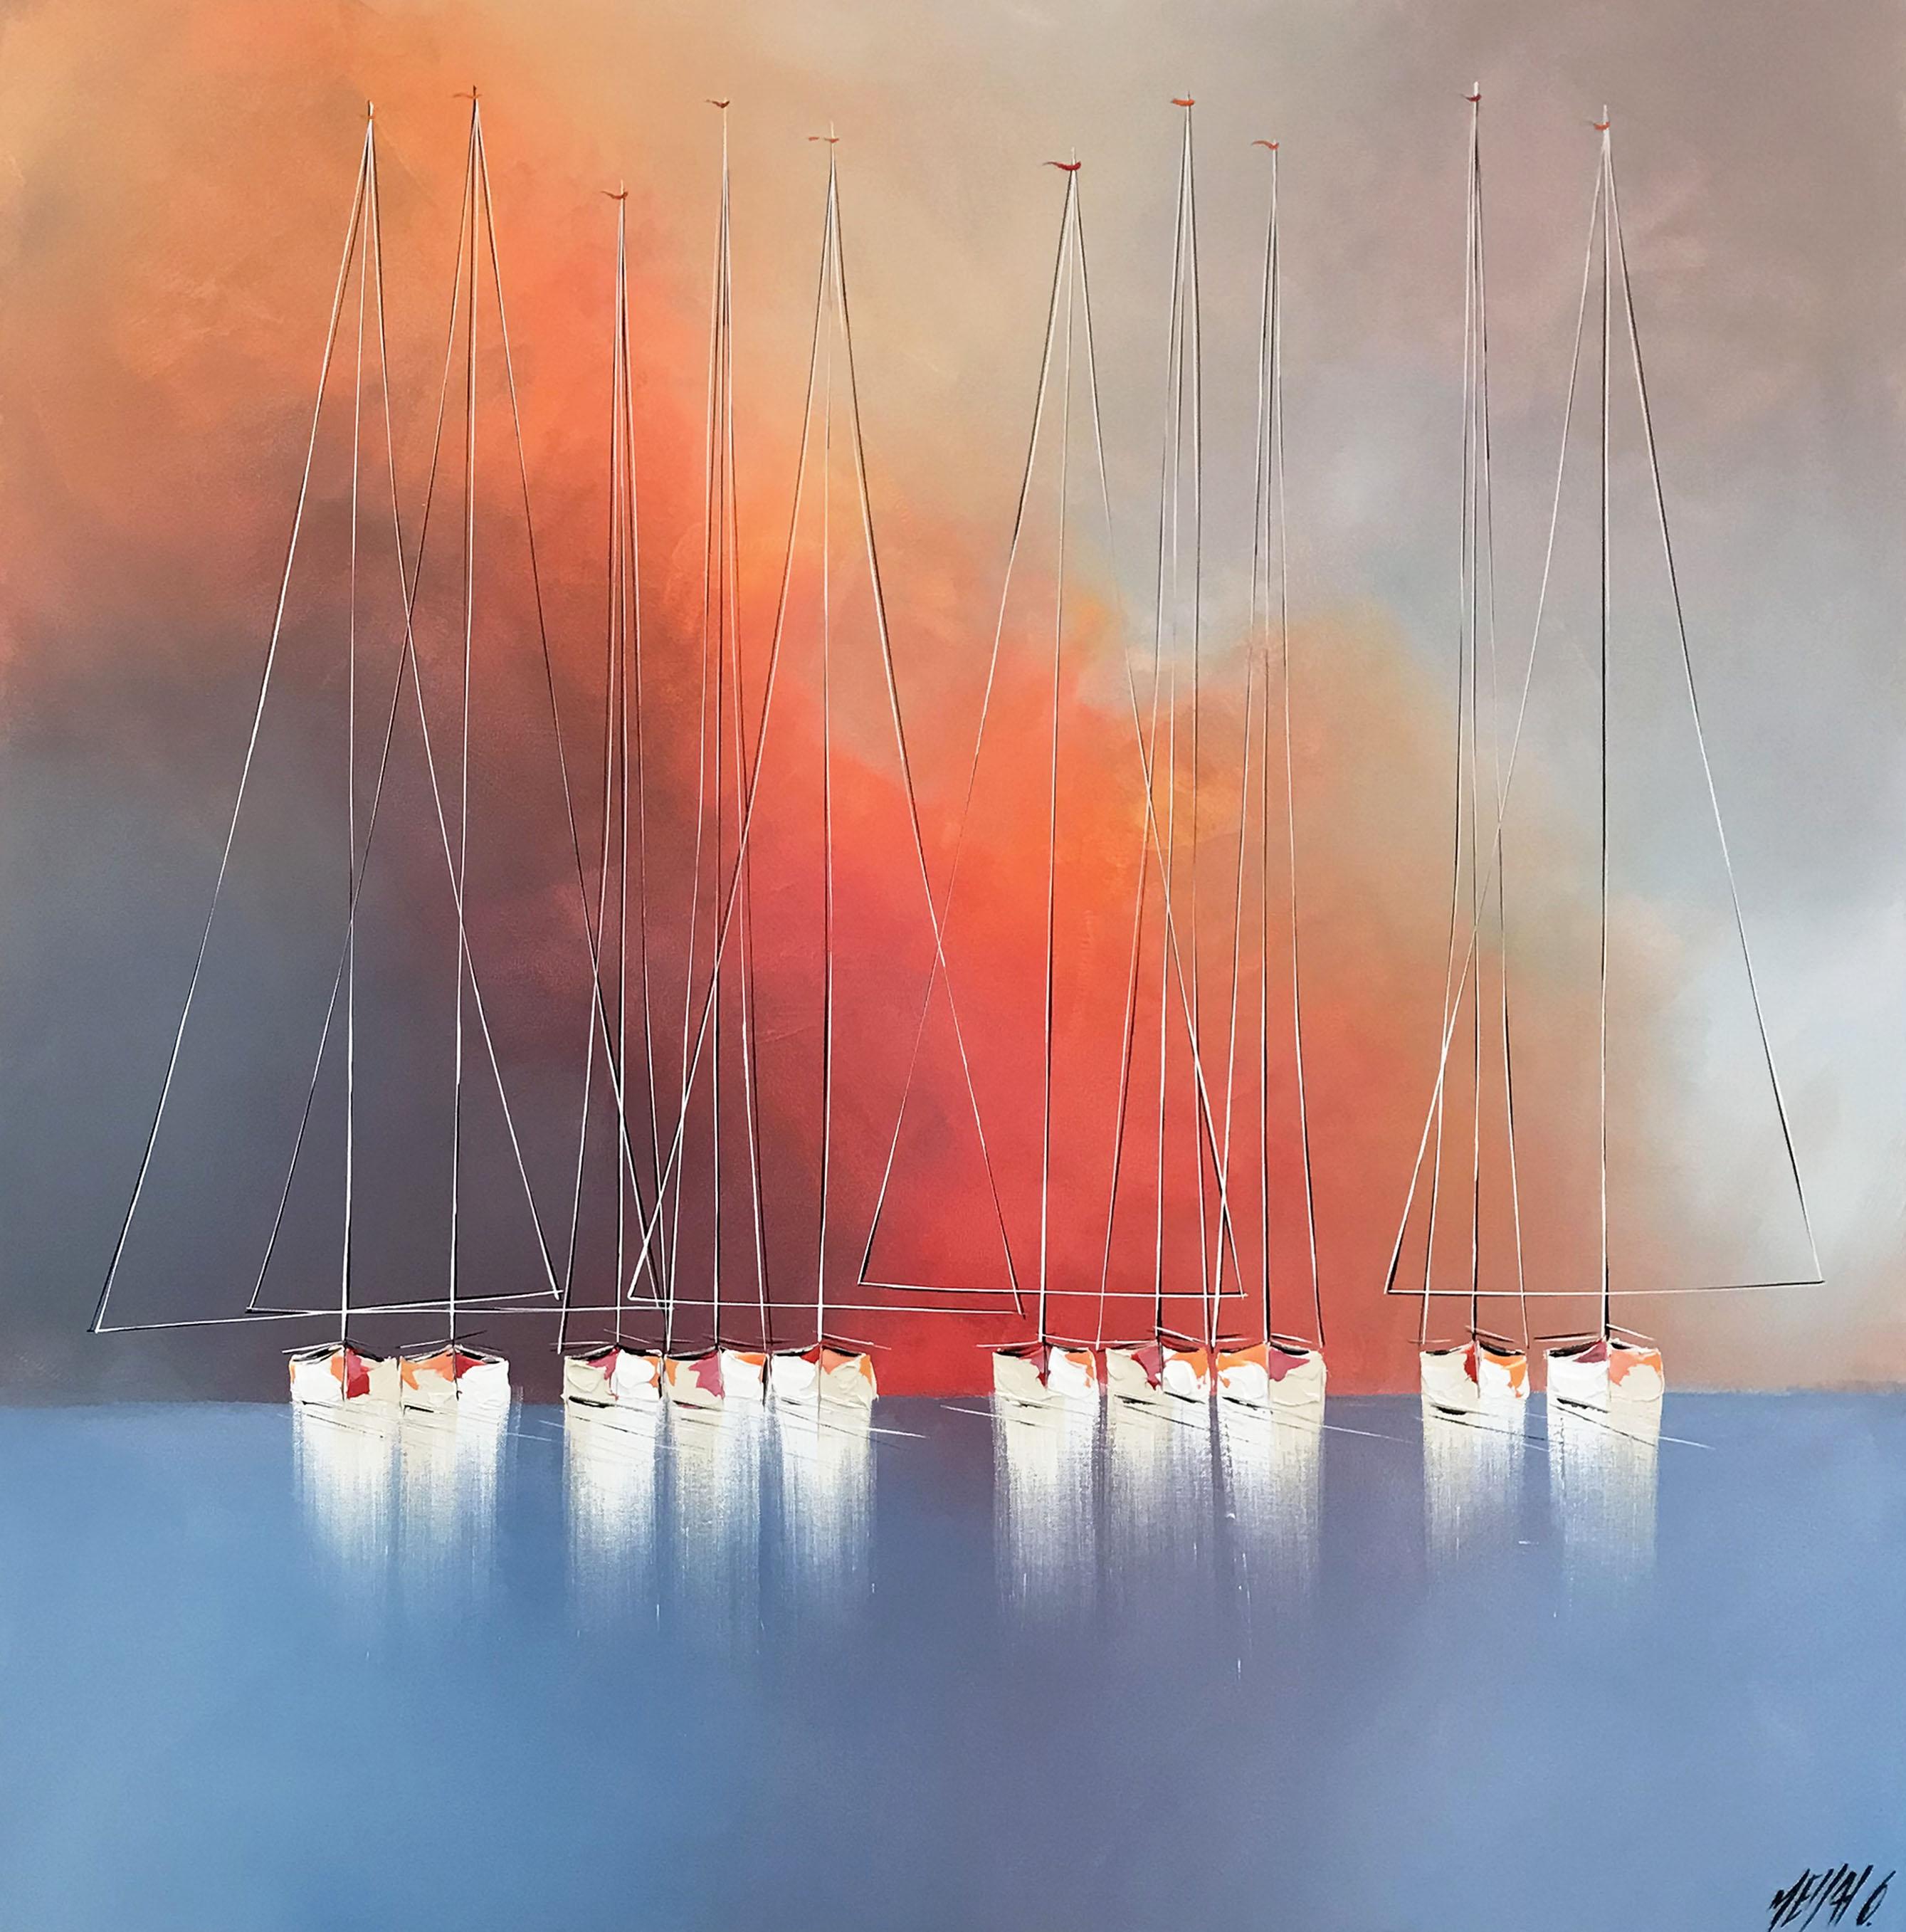 Les voiliers du crépuscule, 100x100